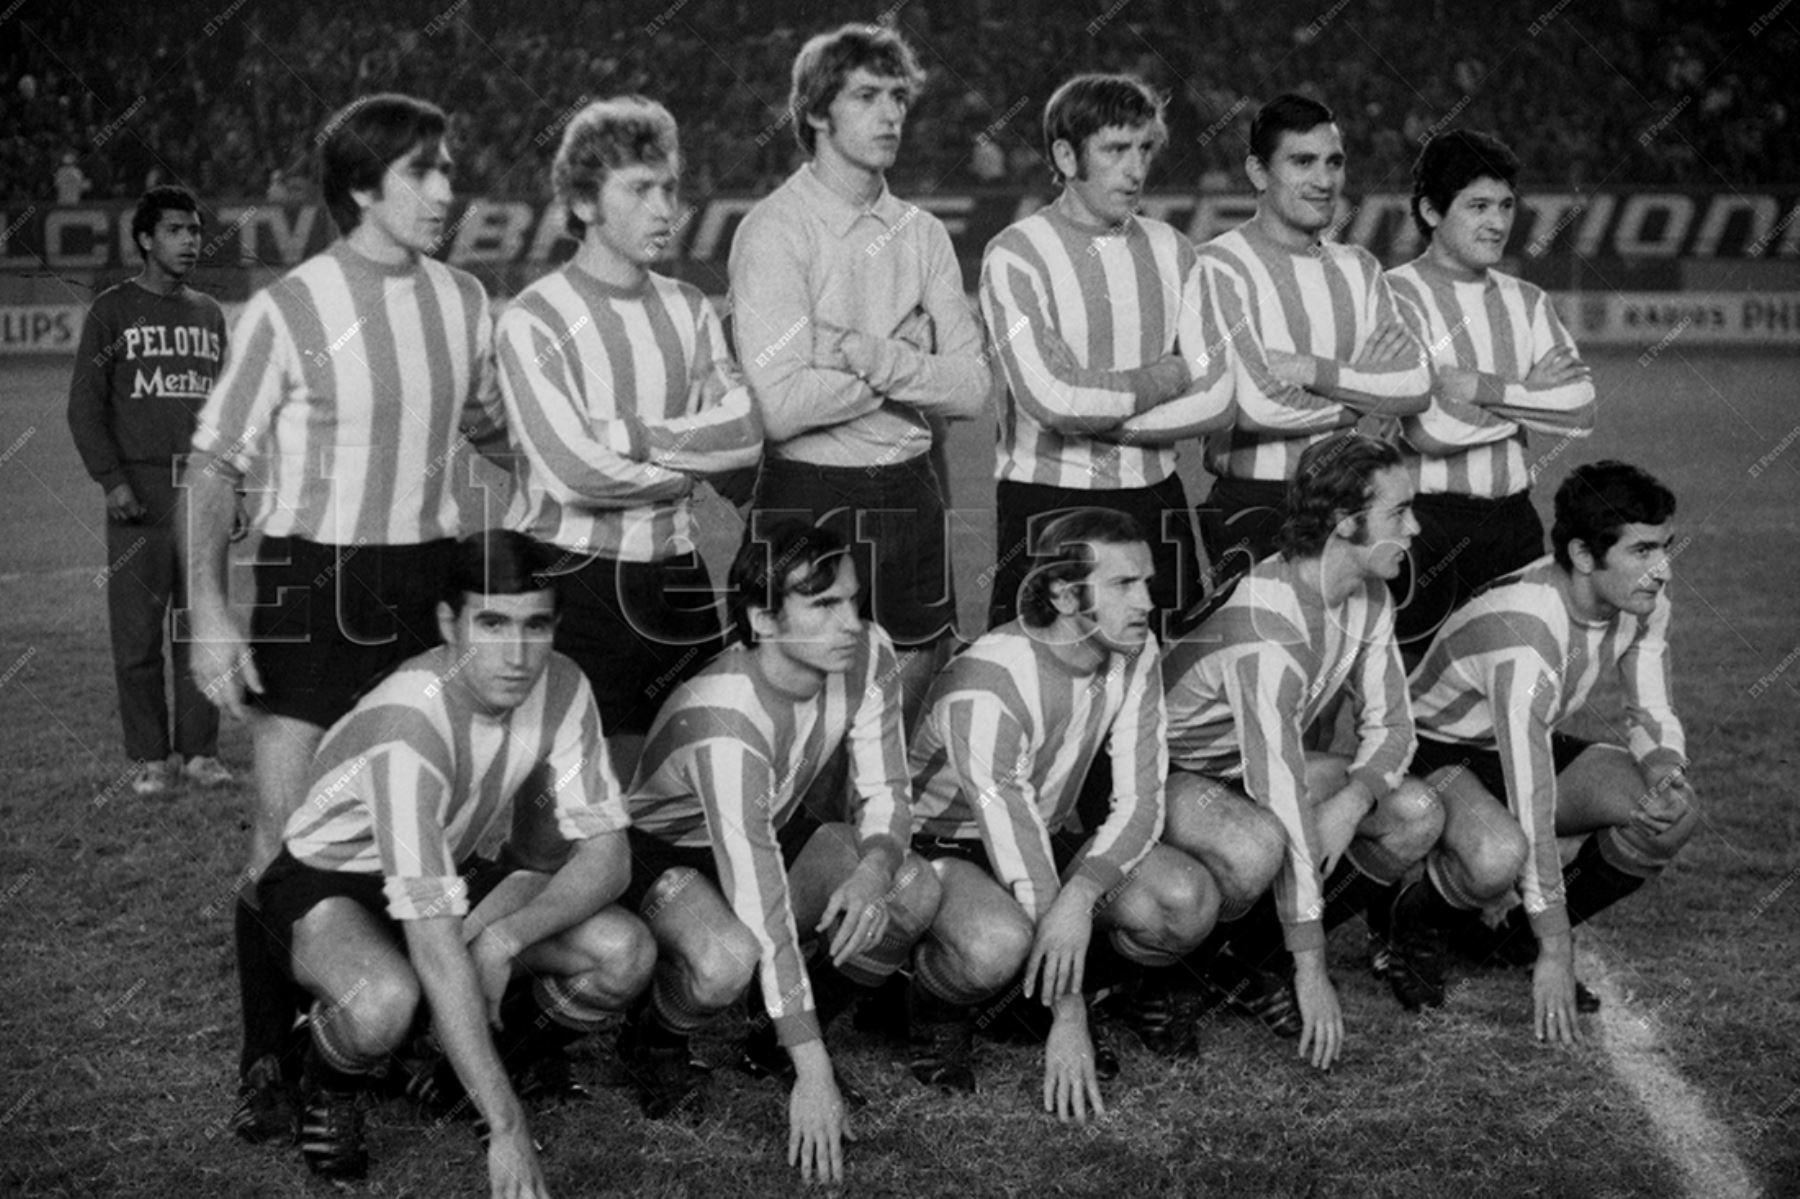 Lima - 9 junio 1971 / el cuadro tricampeón de Estudiantes de La Plata que cayó ante Nacional de Uruguay  por 2-0 en la final de Copa Libertadores disputada en el Estadio Nacional de Lima.  Foto Archivo Histórico de El Peruano